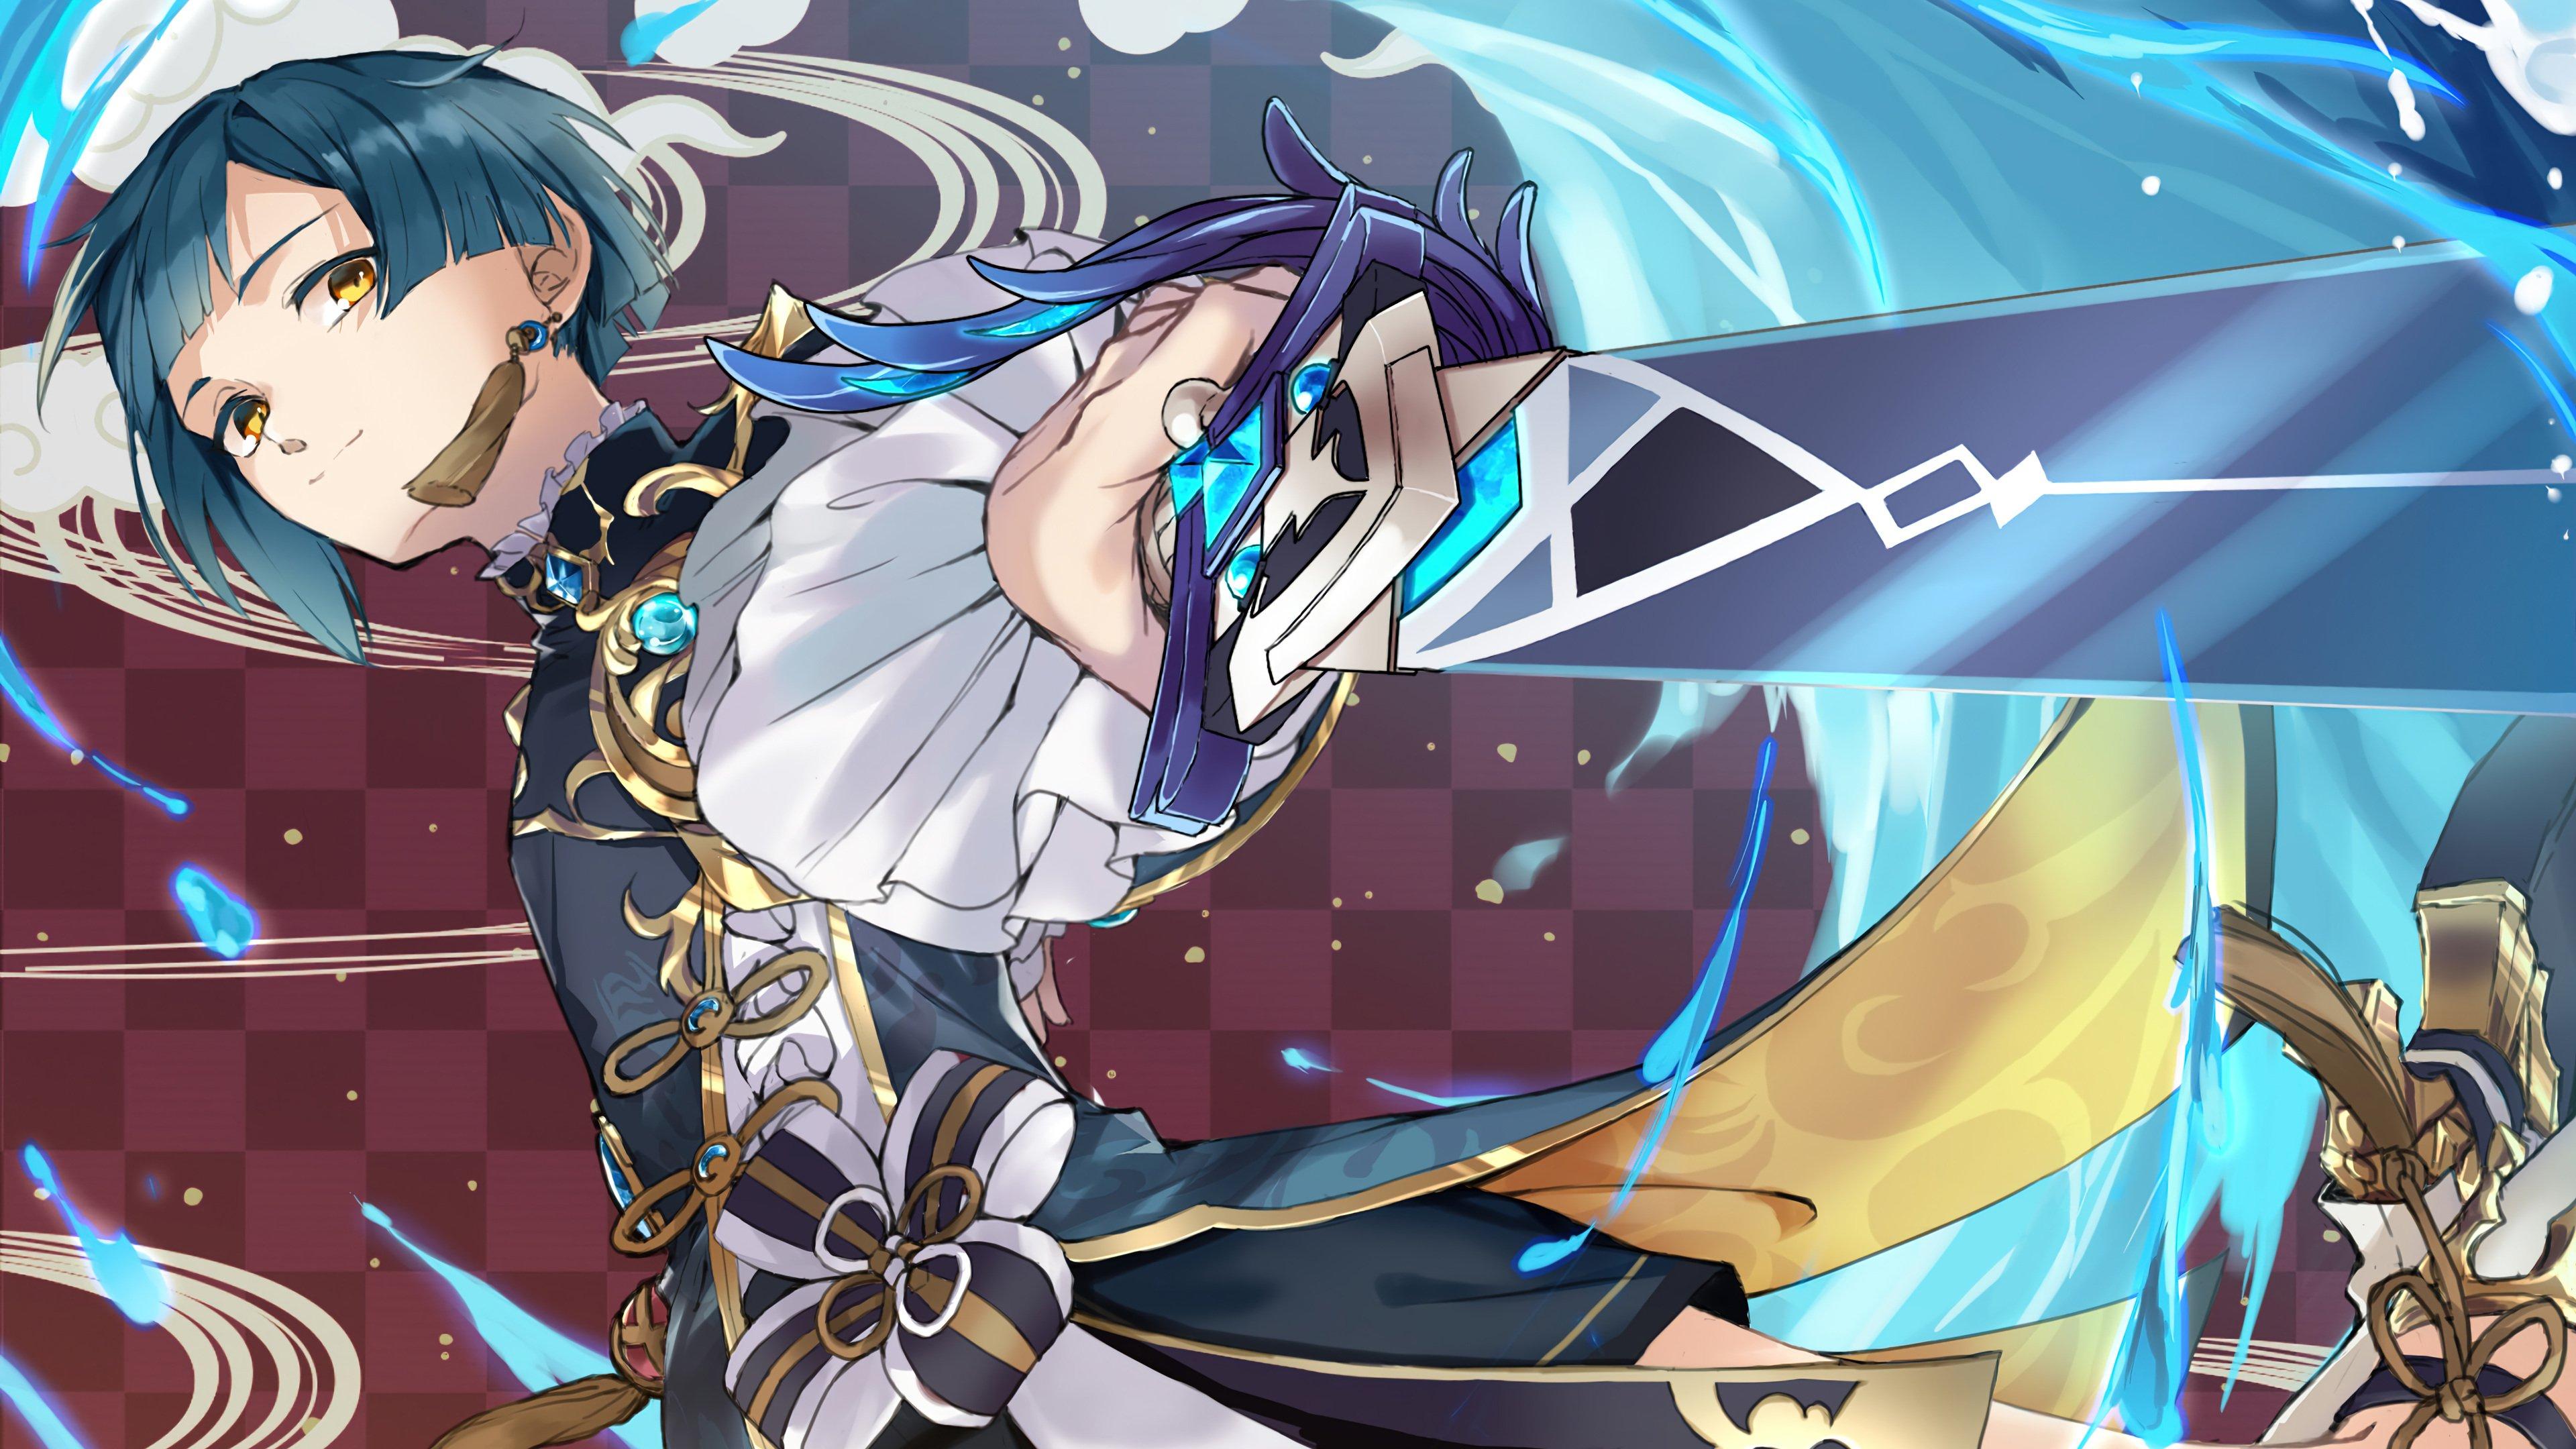 Anime Wallpaper Xingqiu Genshin Impact Art